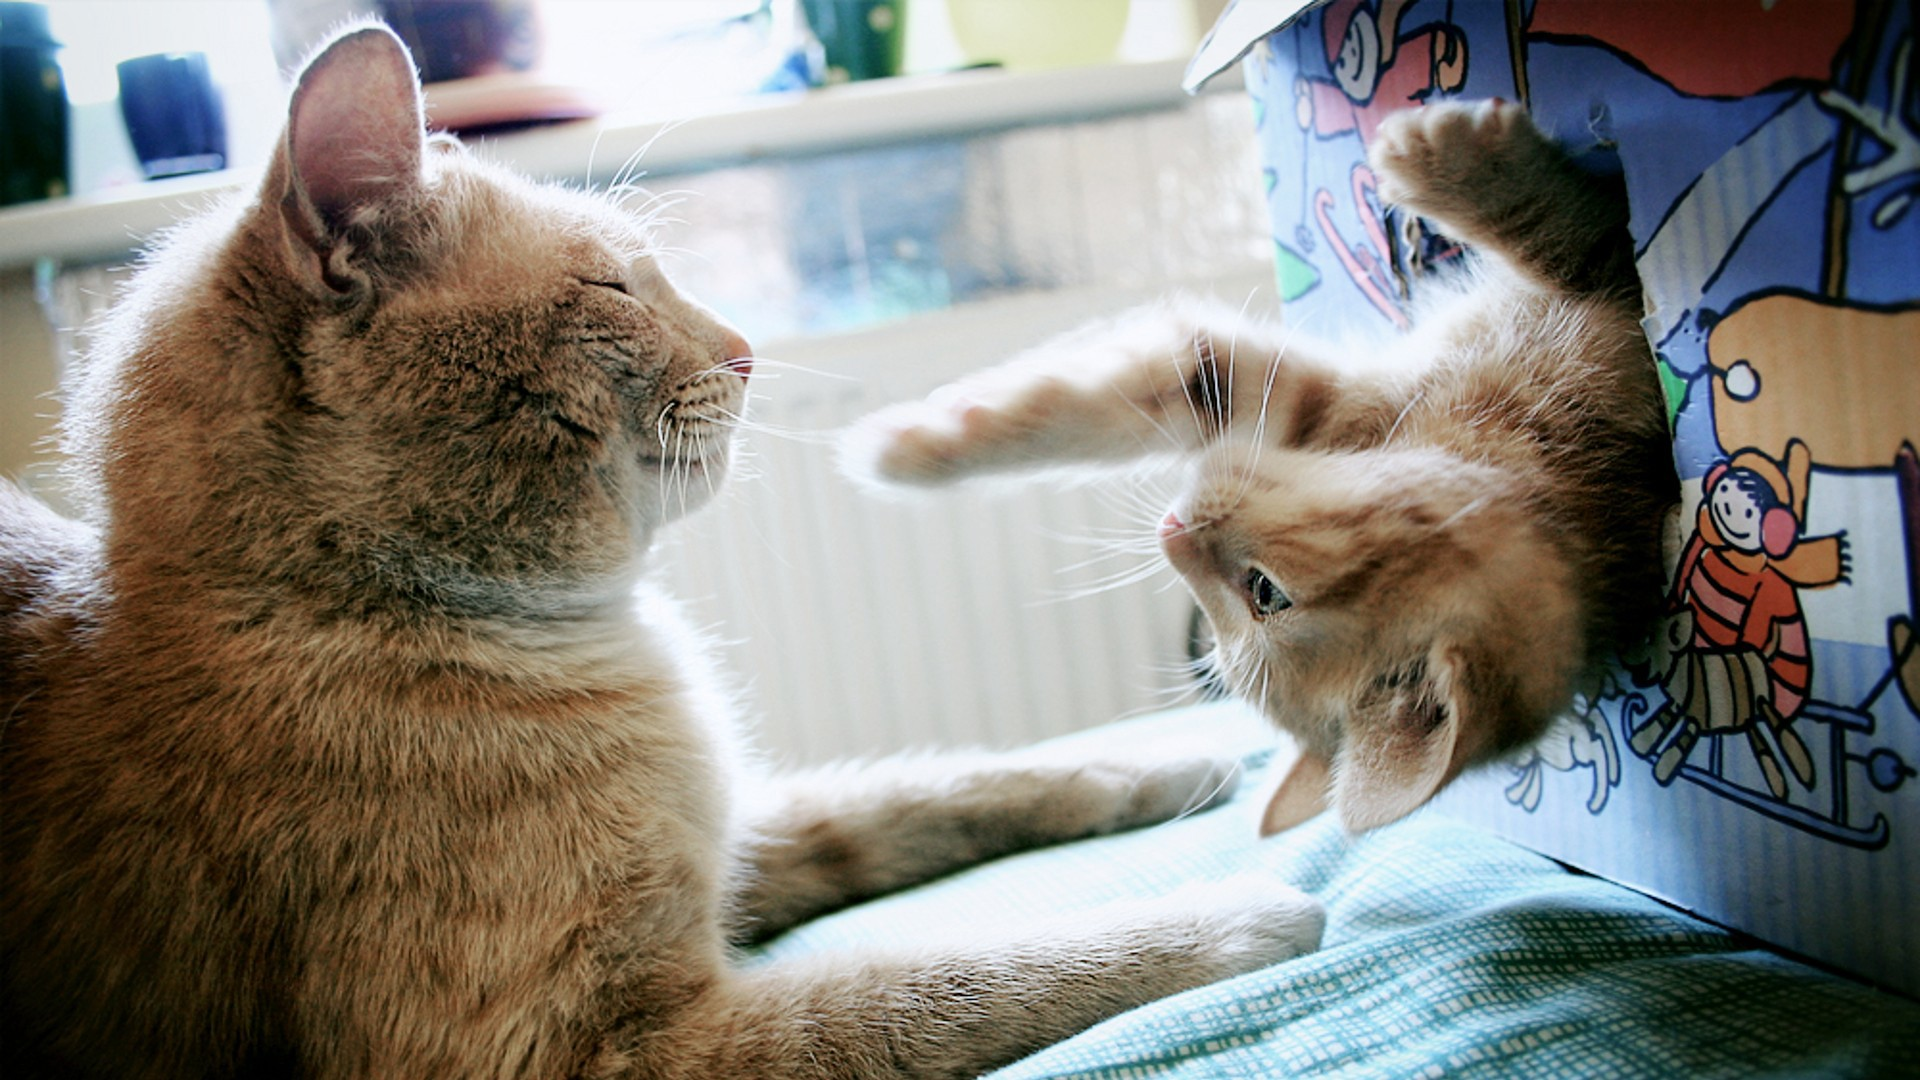 Dos gatos jugando - 1920x1080